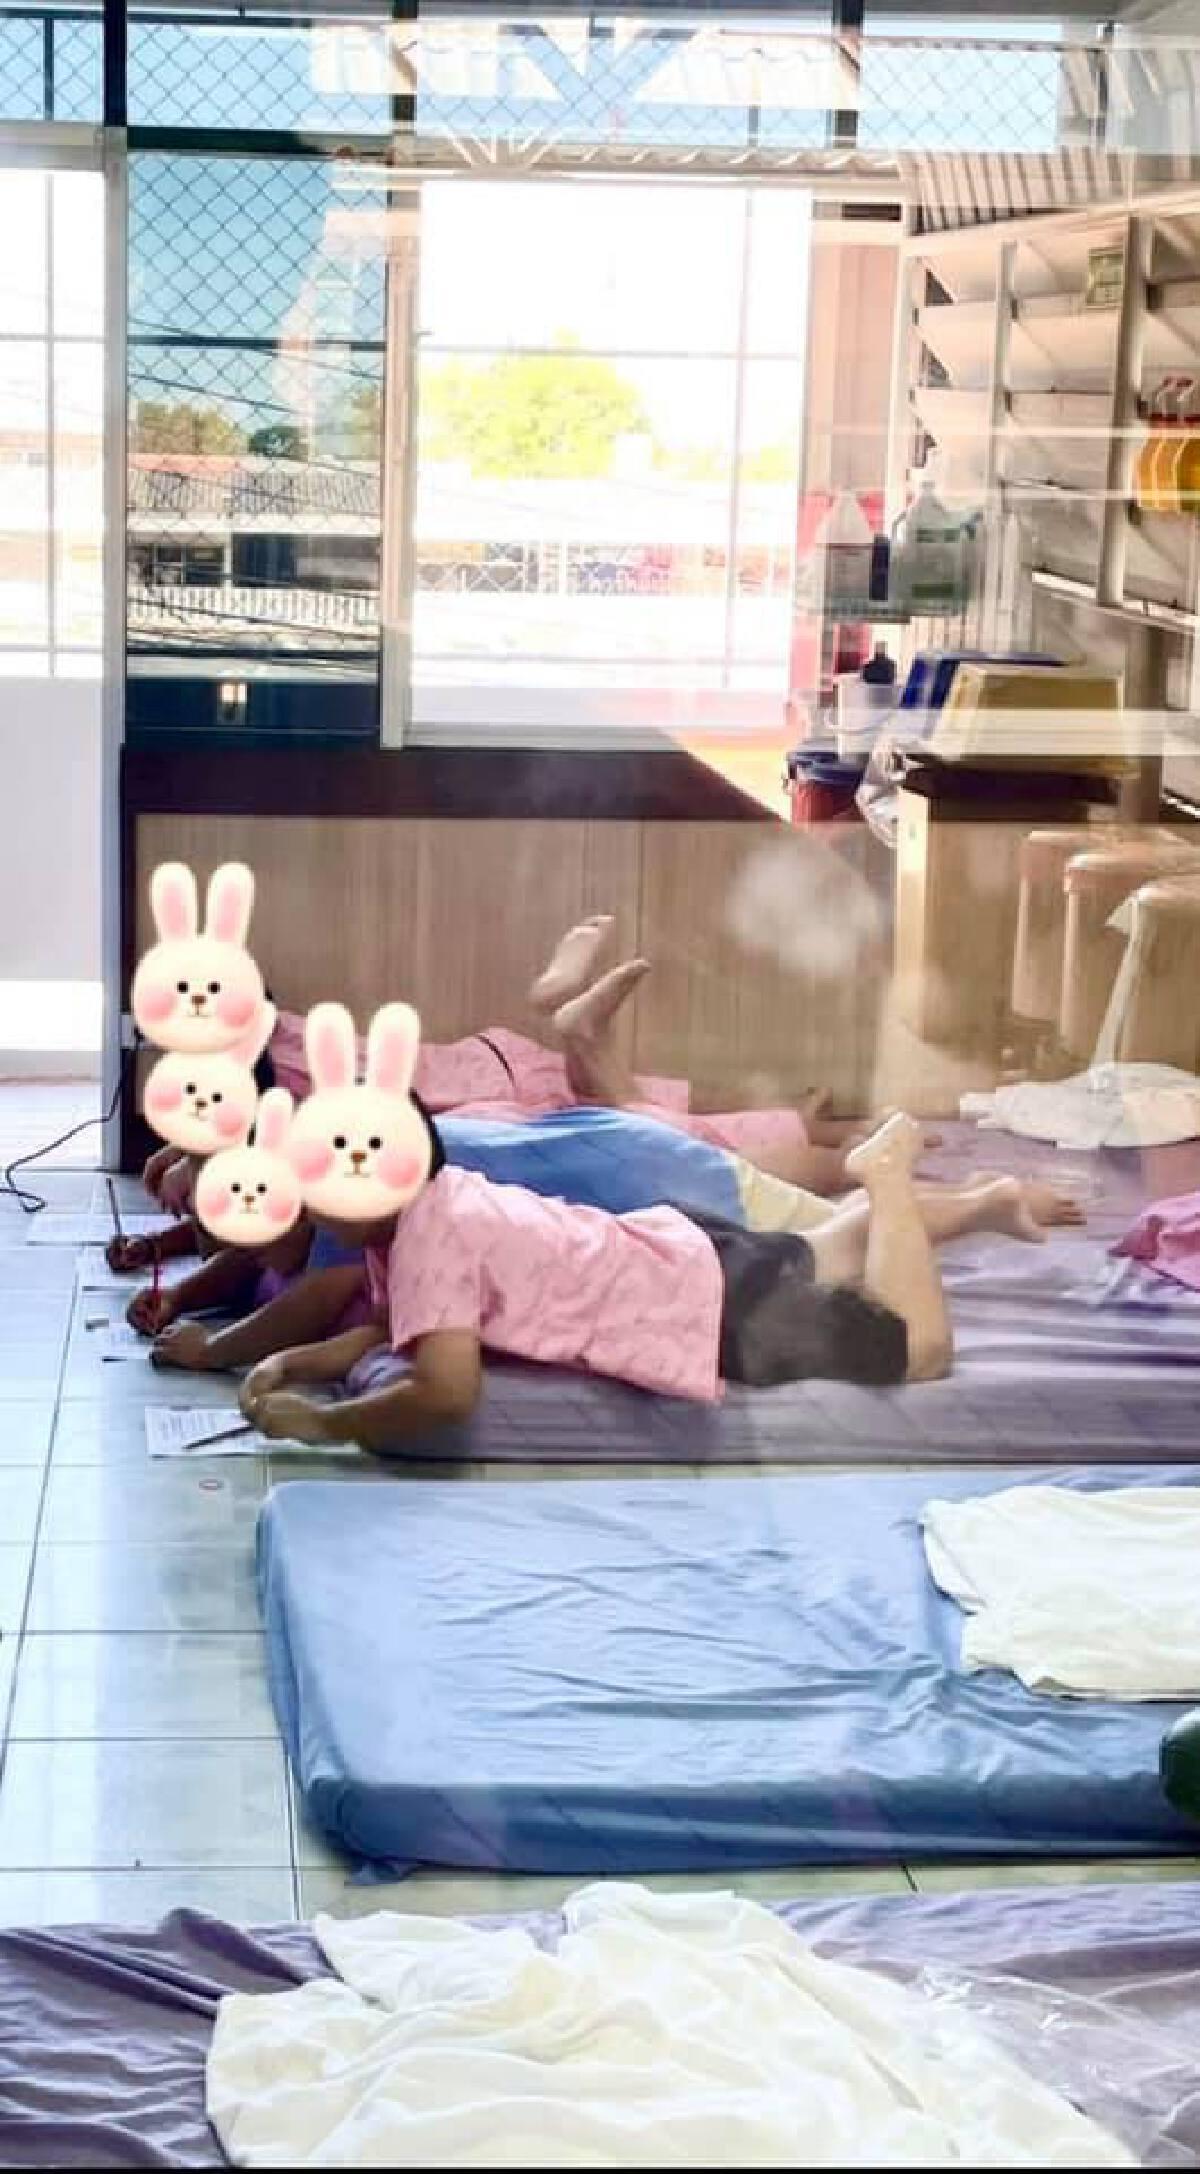 ทีมแพทย์พยาบาล รับบทเป็นคุณครู สอนเด็กนักเรียนติดโควิด ในห้องความดันลบ